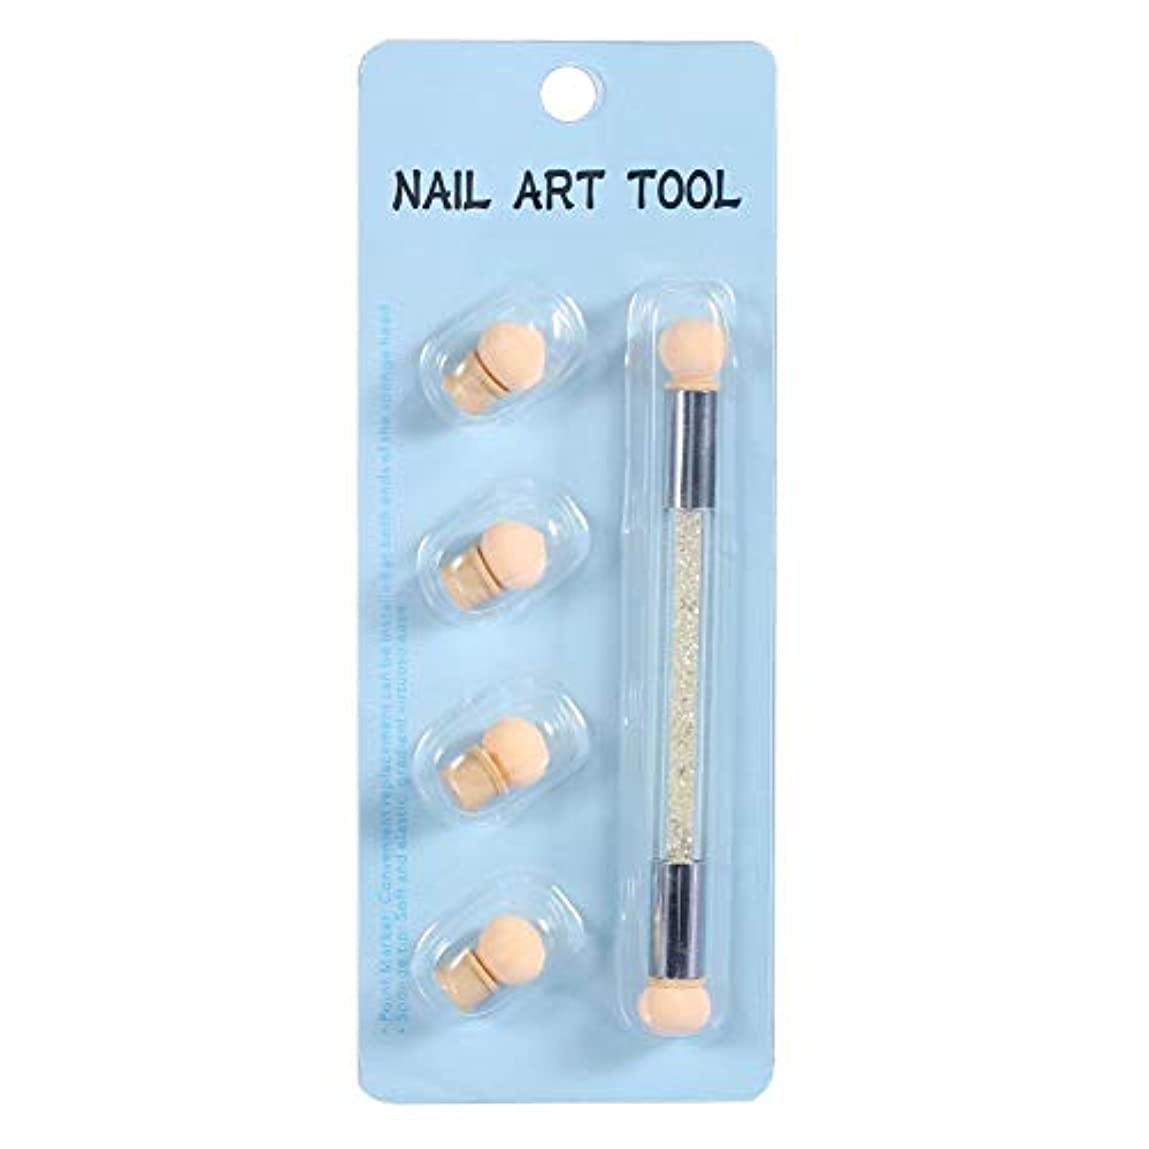 殺人いつも監督するネイルアート 4個 交換用 スポンジヘッド ネイルアートスポンジブラシ ネイル筆 ドットペン